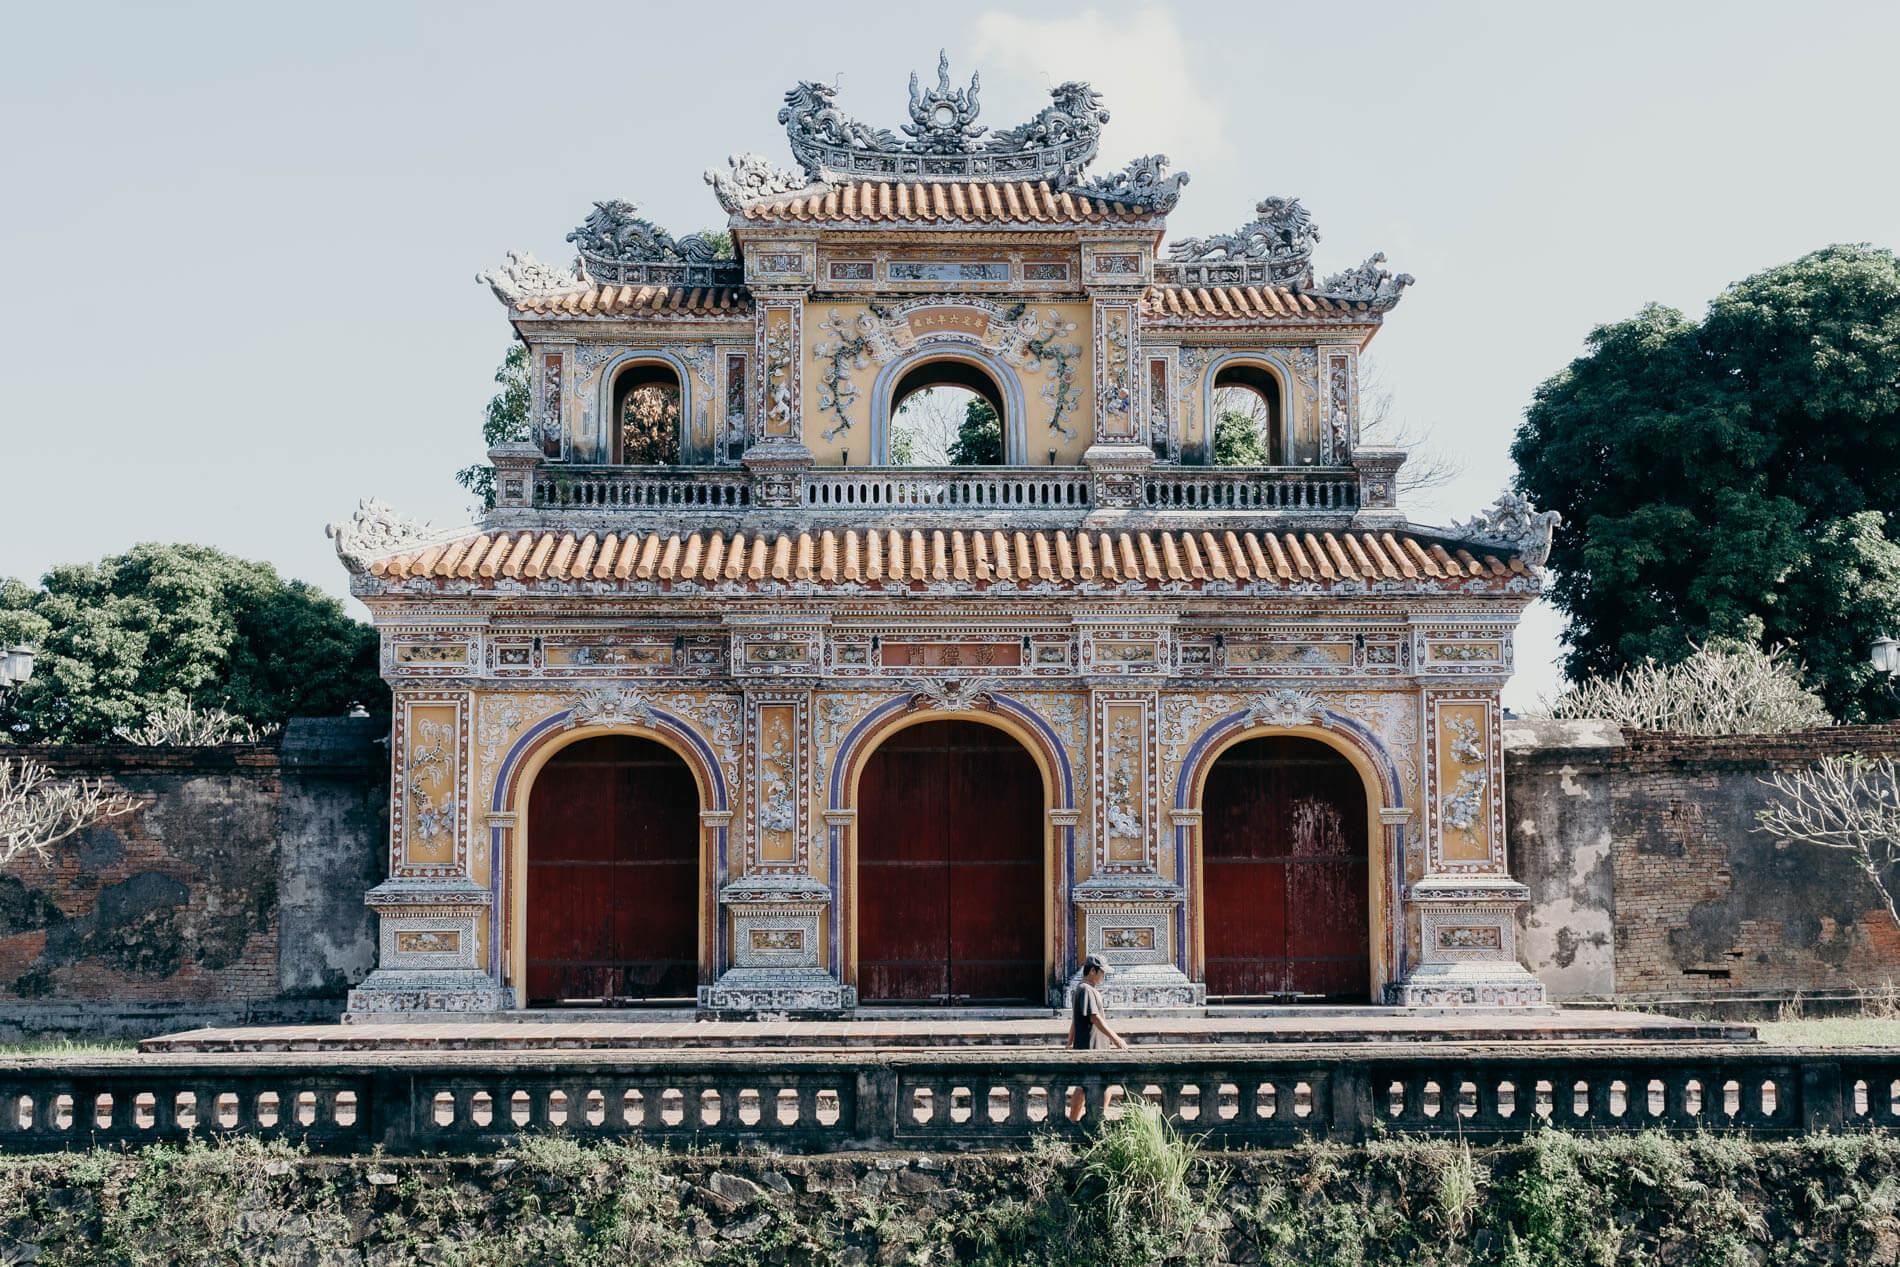 A citadel in Hue